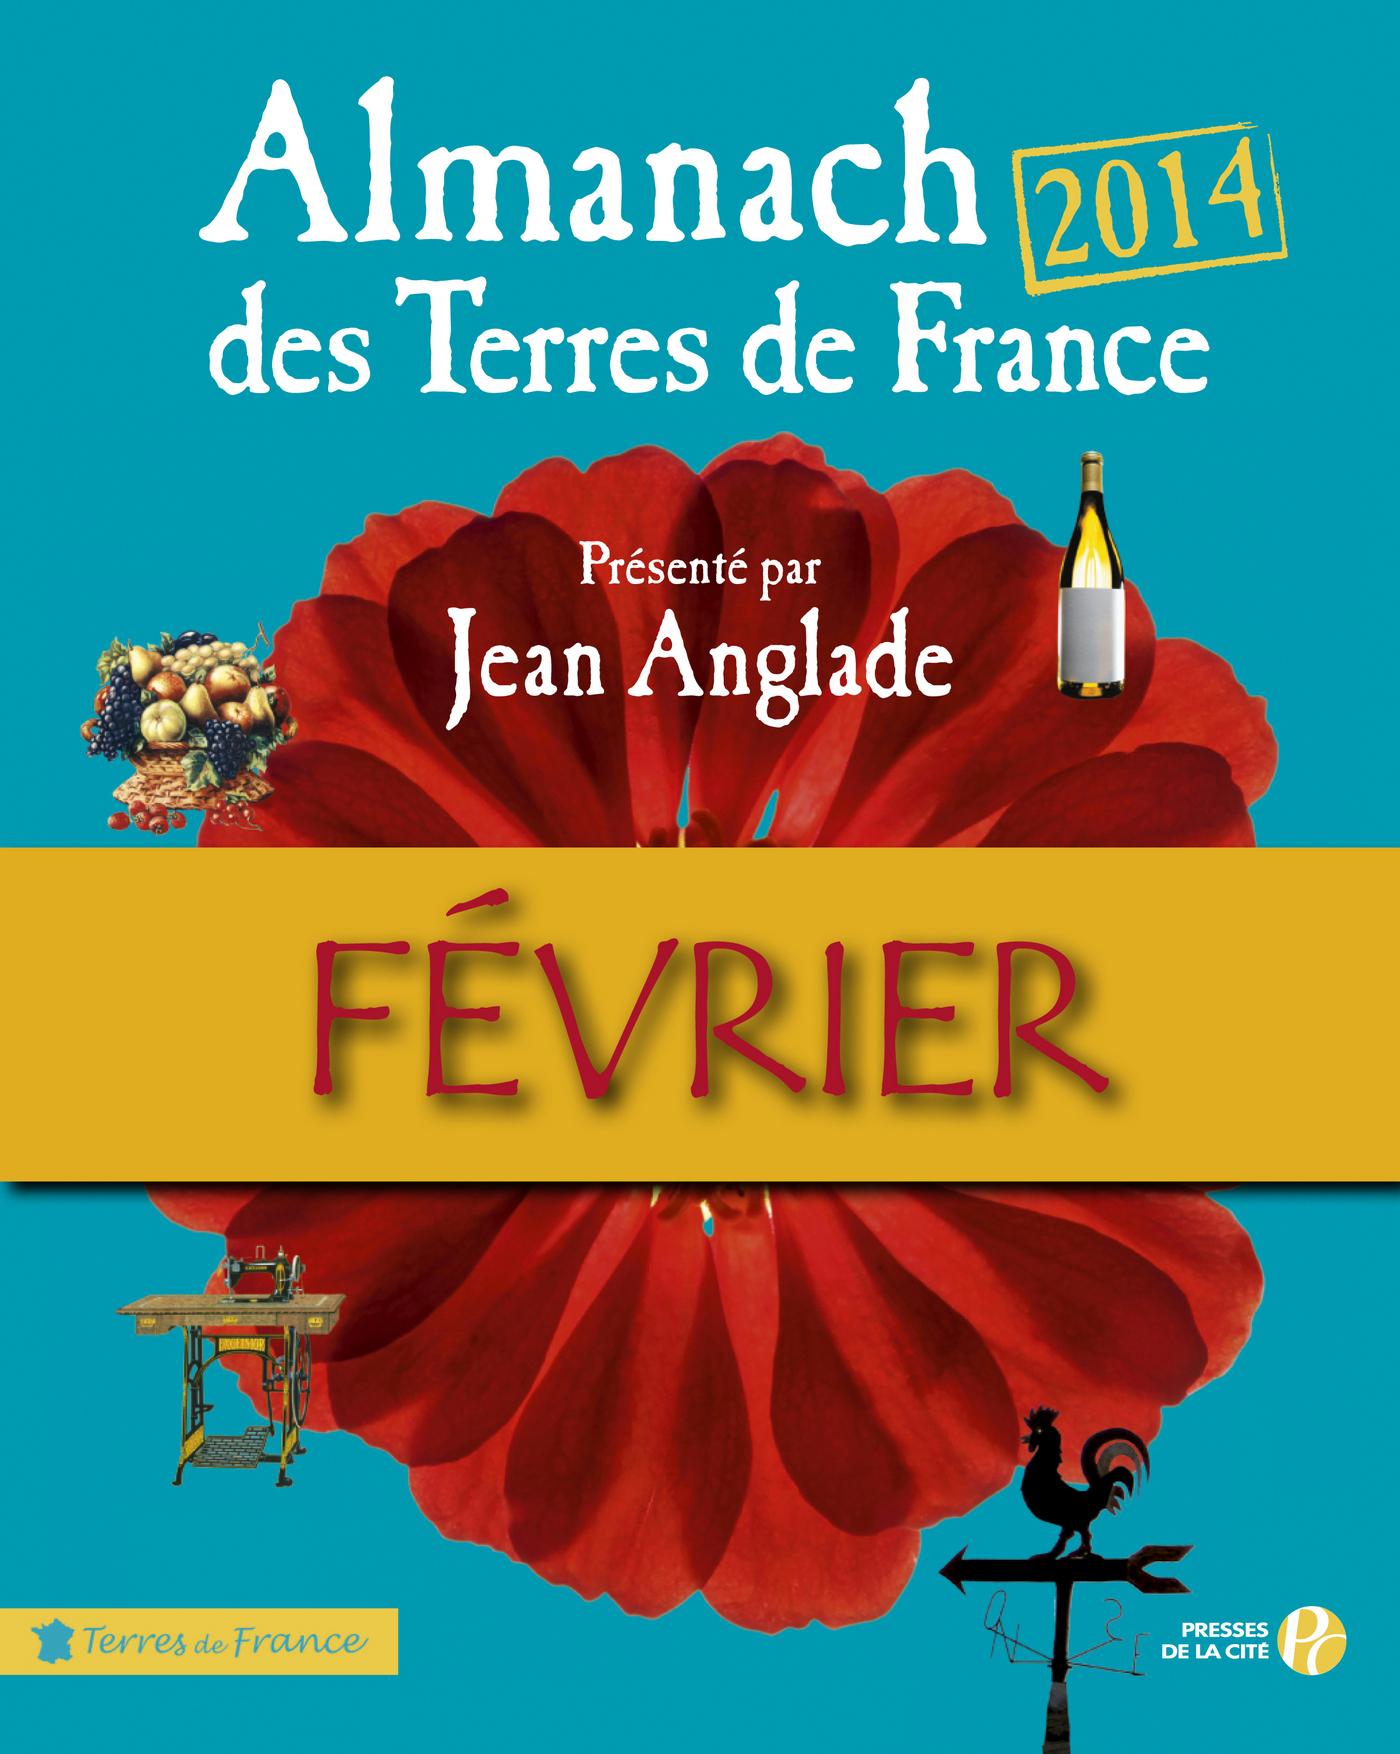 Almanach des Terres de France 2014 Février